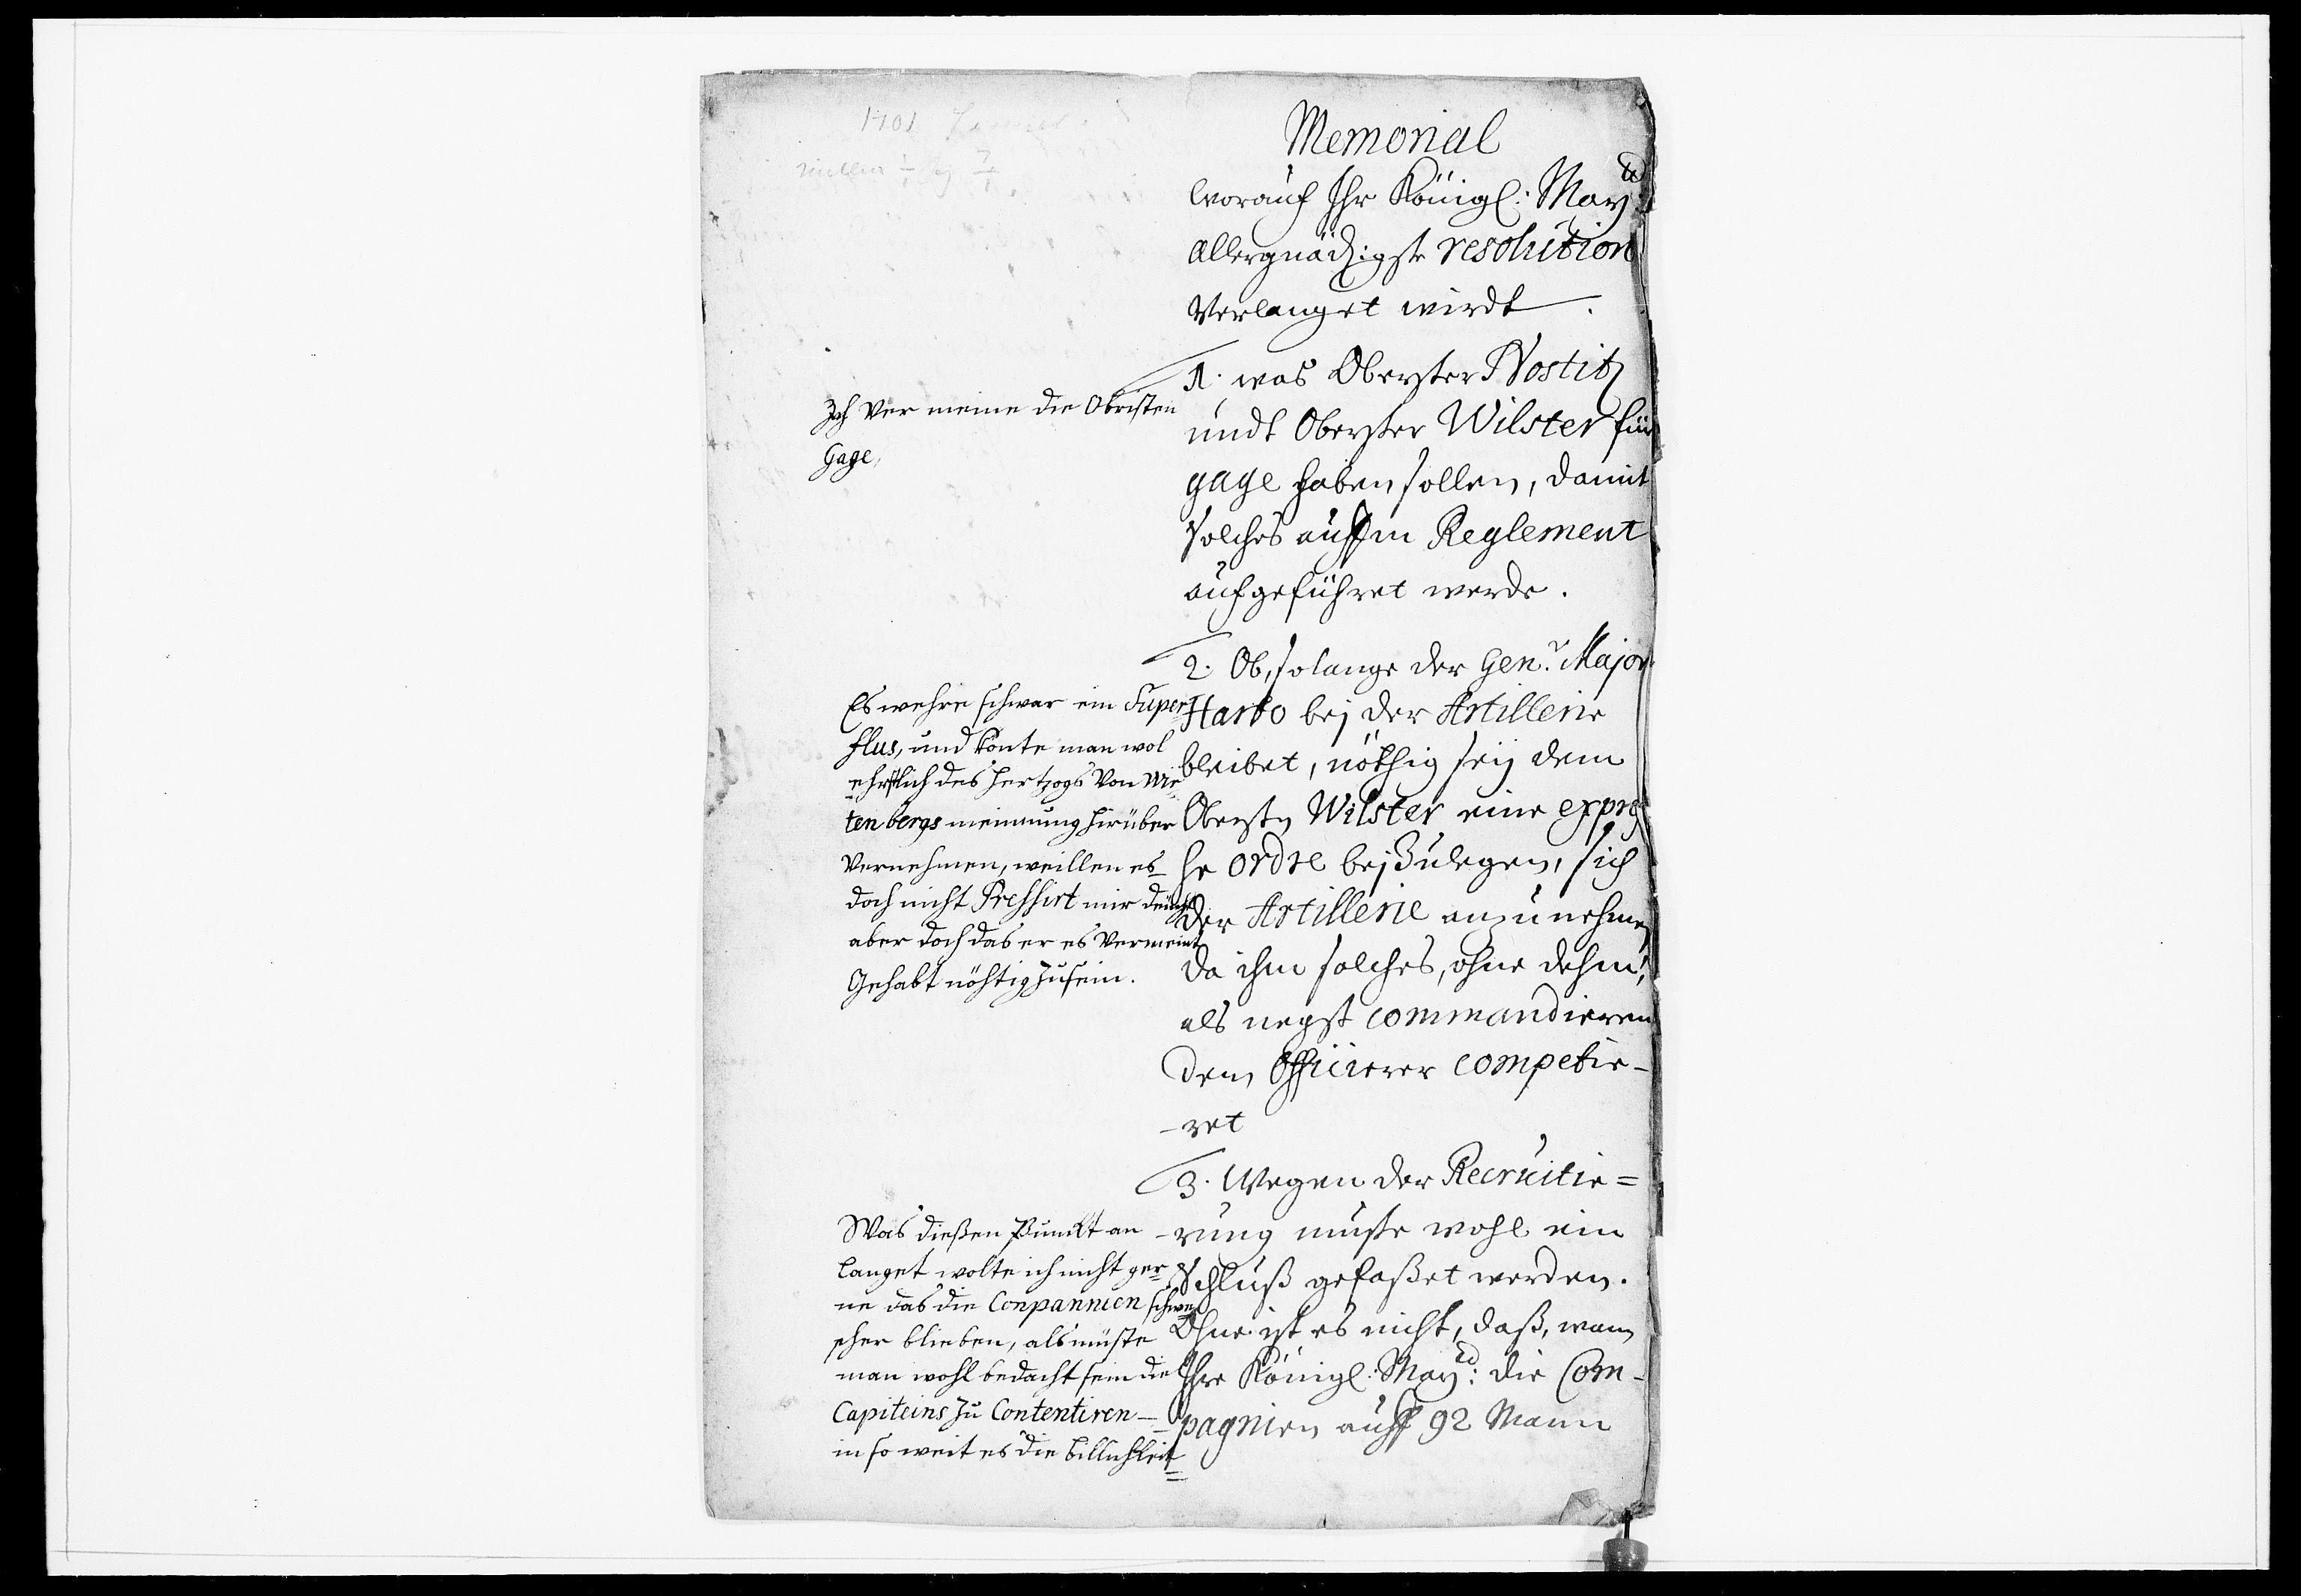 DRA, Krigskollegiet, Krigskancelliet, -/0923-0928: Refererede sager, 1701, s. 2